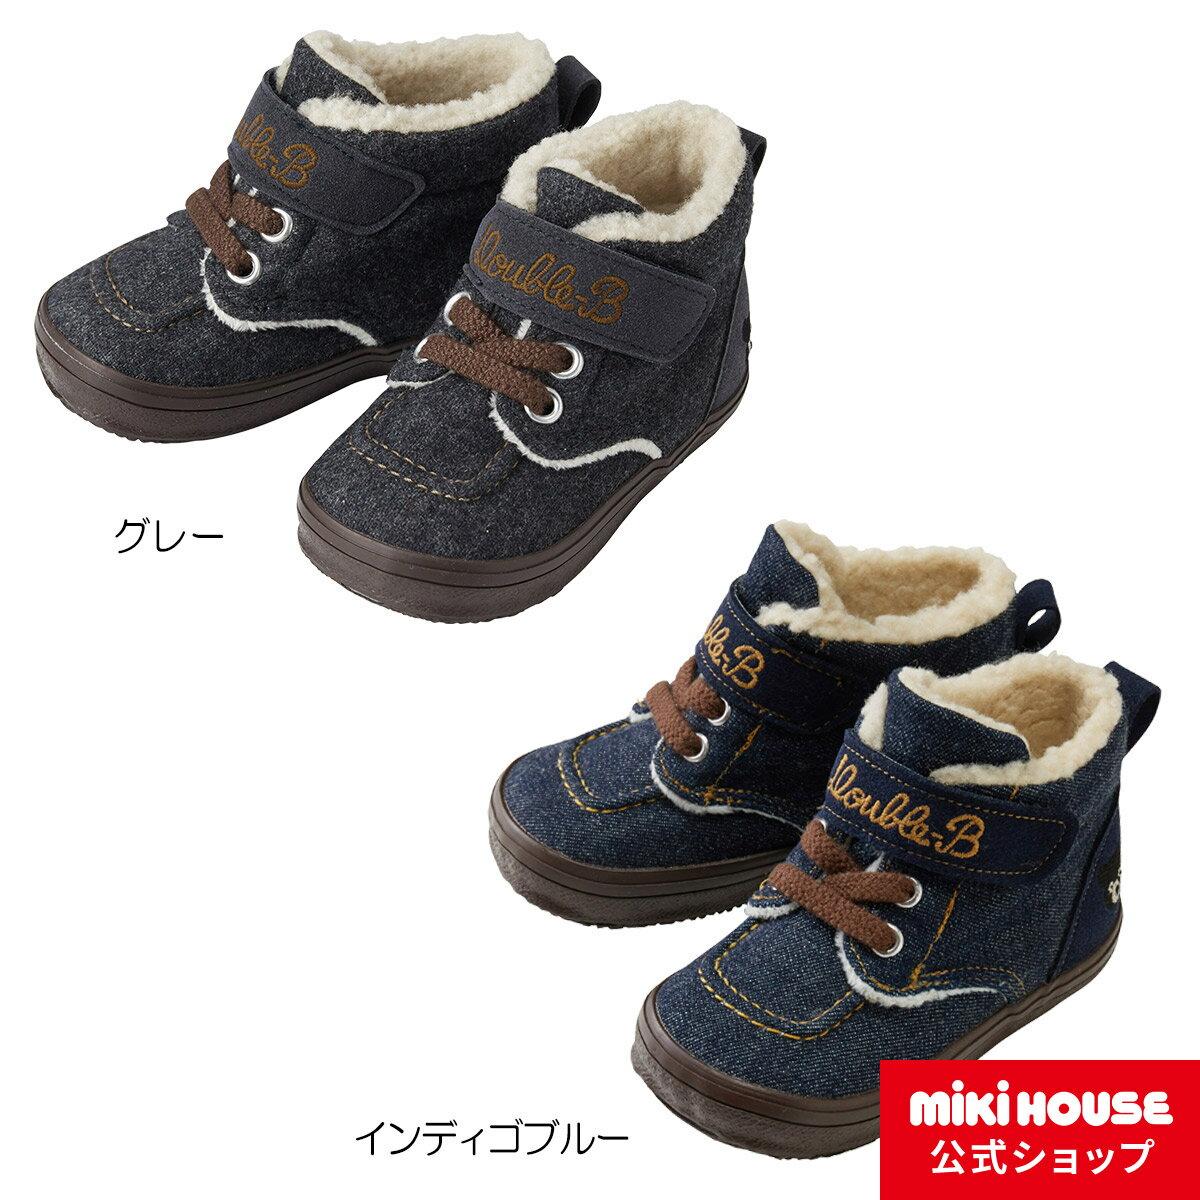 ミキハウス ダブルビー mikihouse ベビーウィンターブーツ(13cm-18cm)